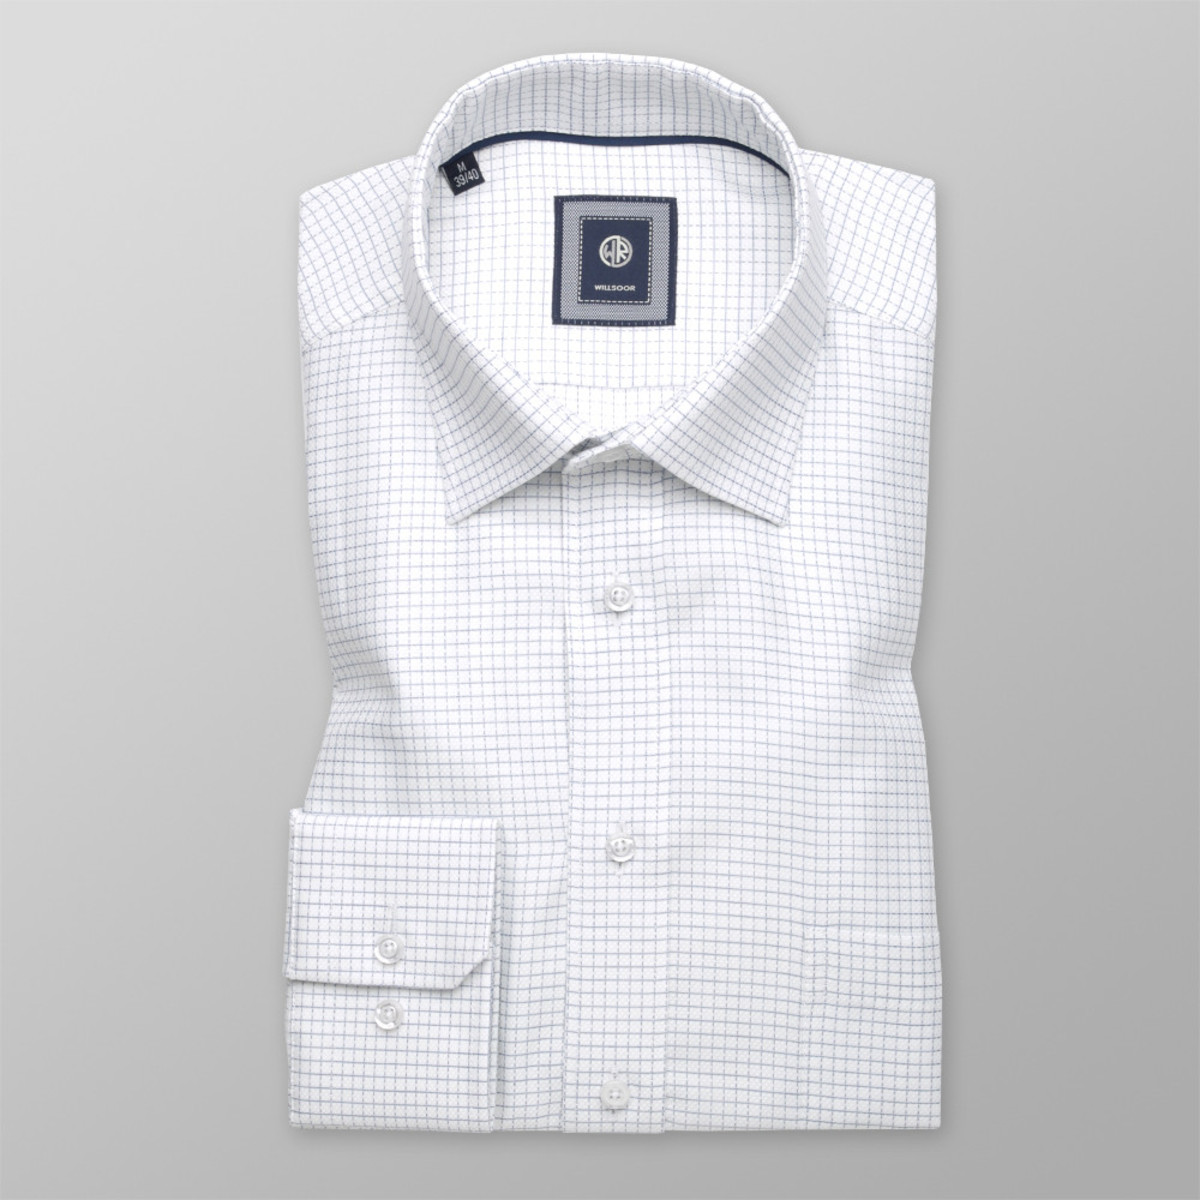 Košile London s jemným vzorem (výška 176-182) 10206 176-182 / M (39/40)